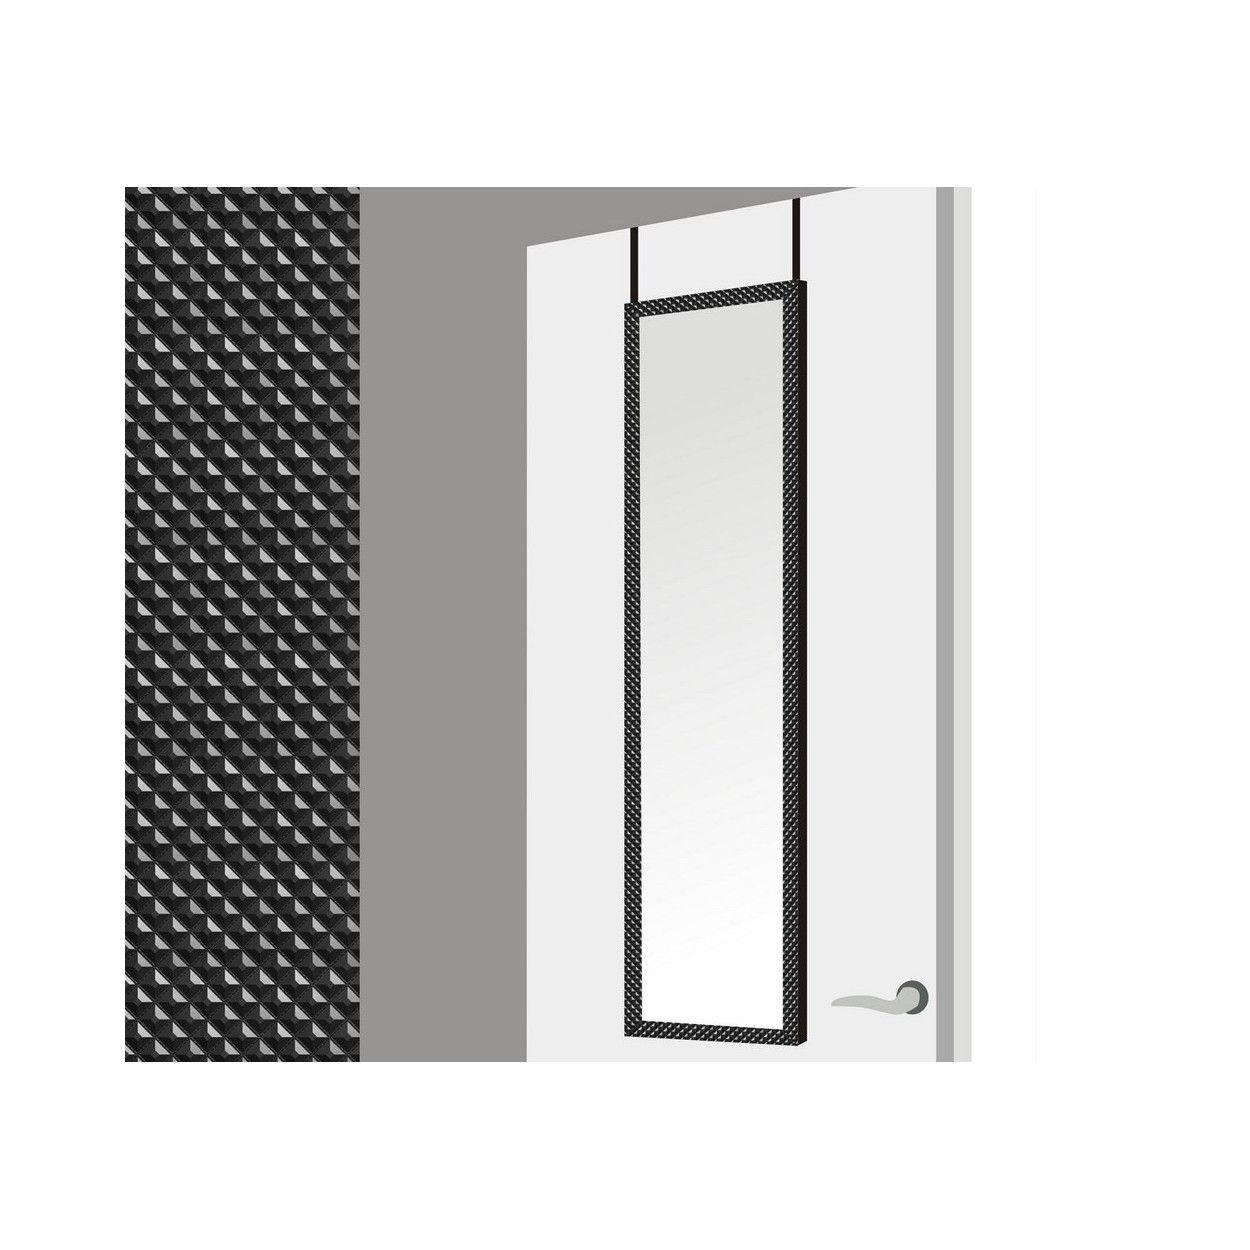 Espejo para puerta con formas geom tricas en color negro - Espejos con formas ...